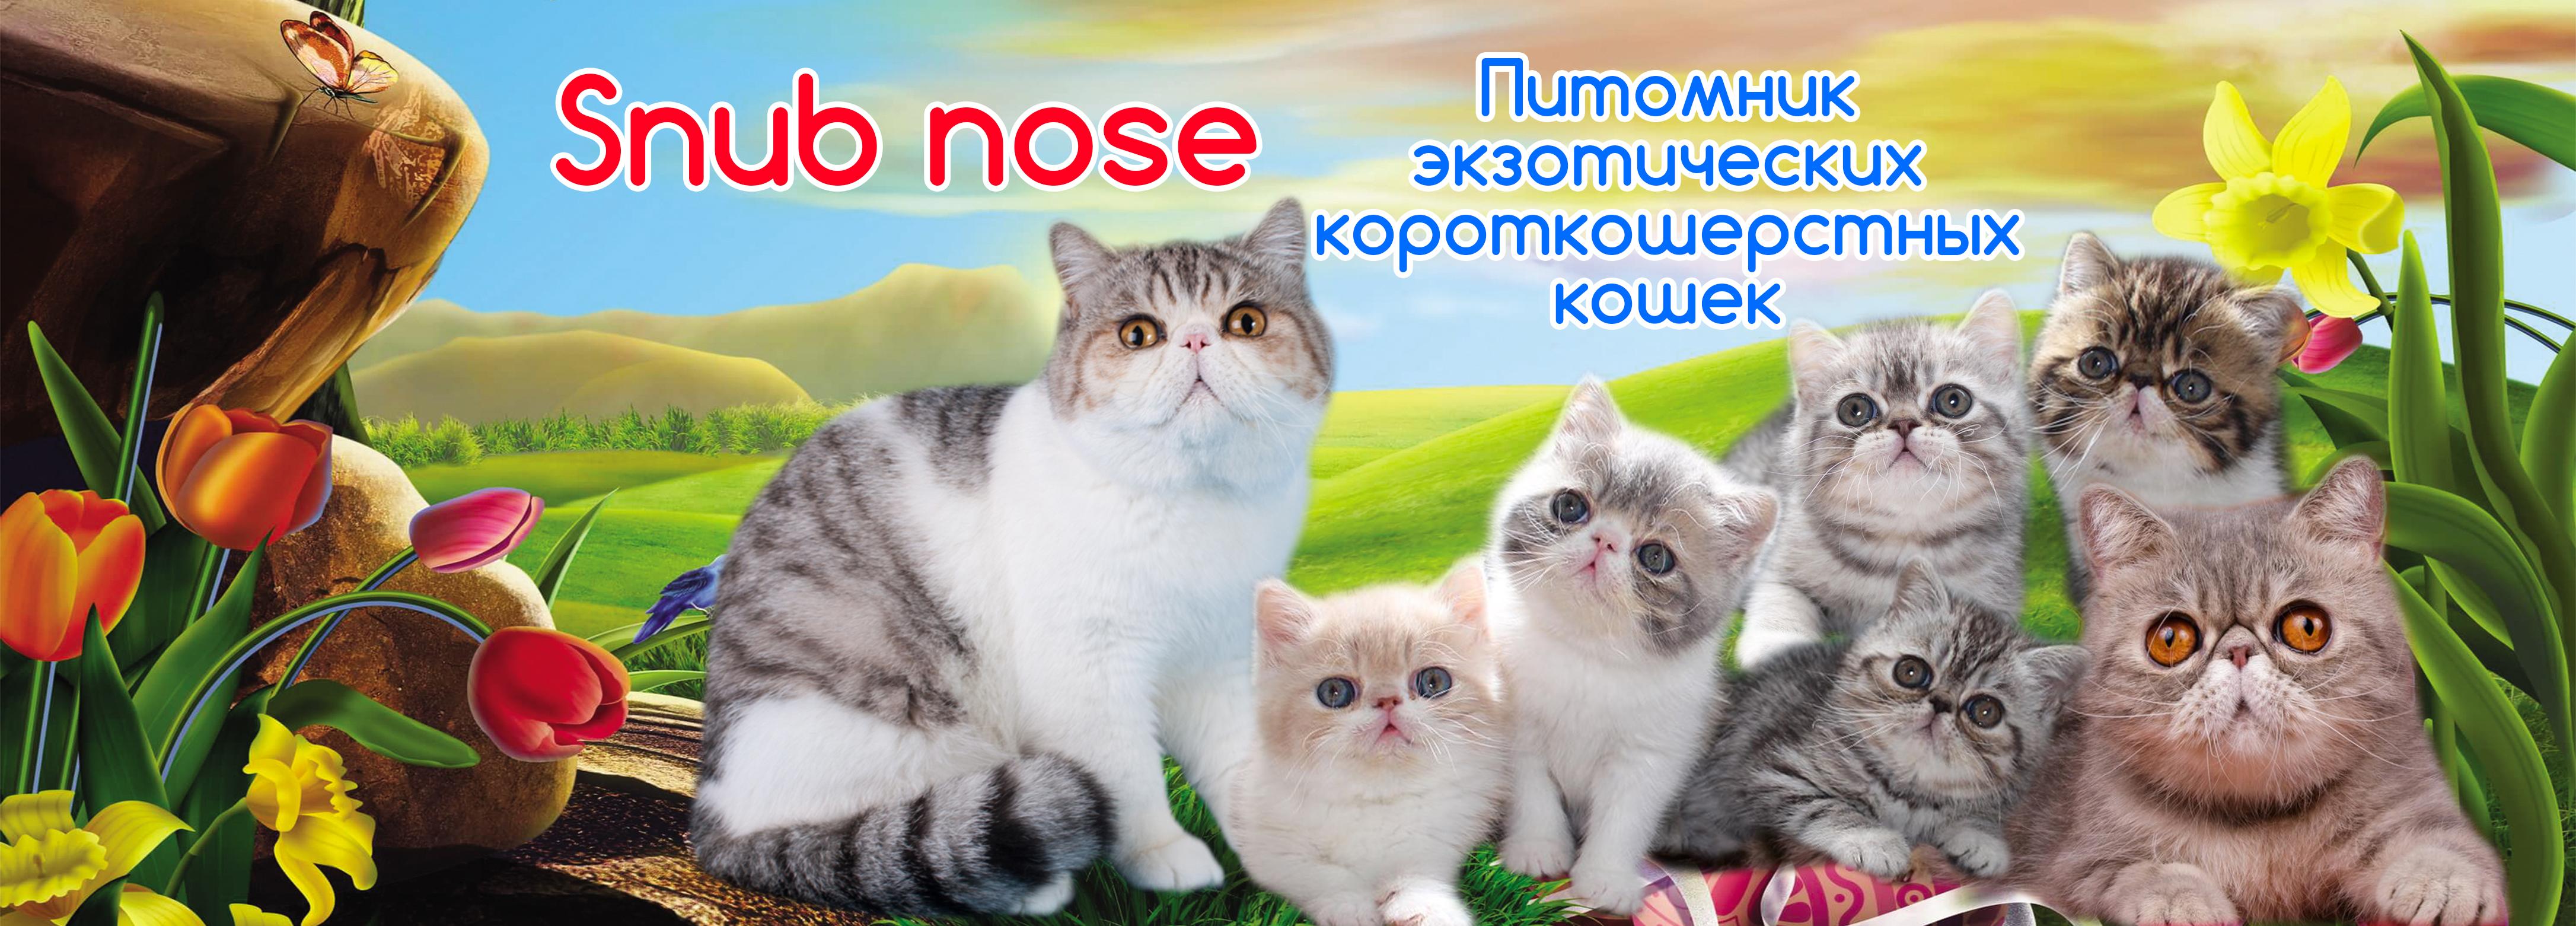 Snub nose